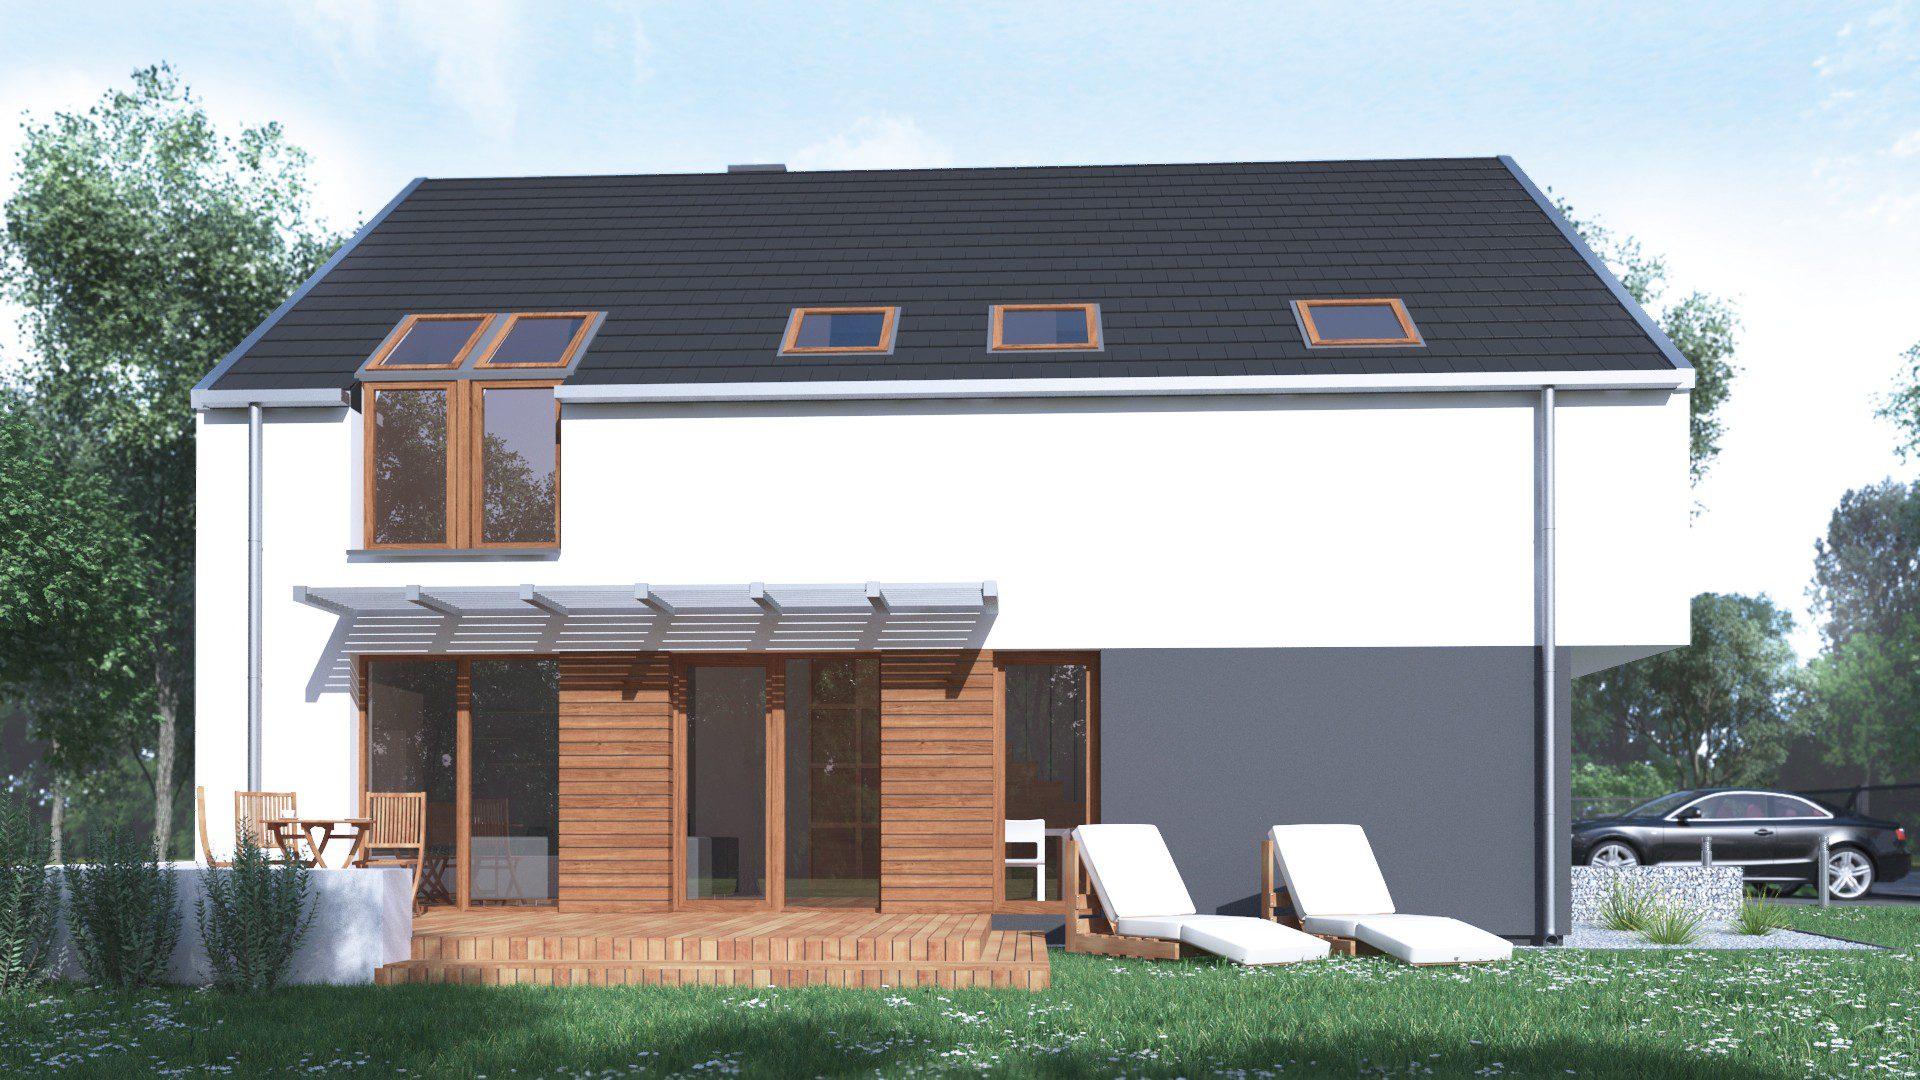 projekt budowlany domu 150 m2